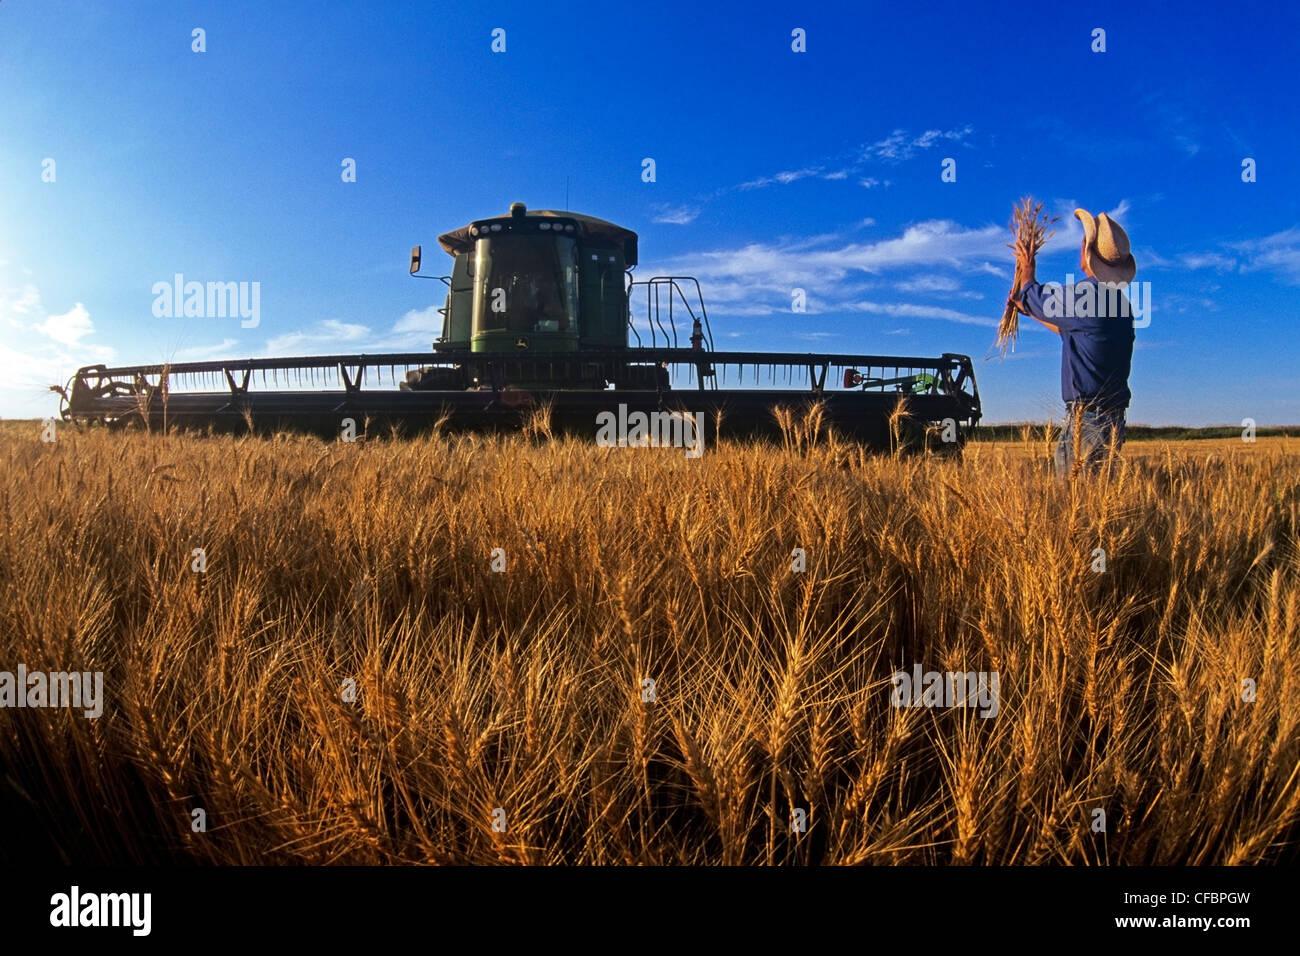 Agricoltore esamina harvest pronto inverno il raccolto di grano Immagini Stock